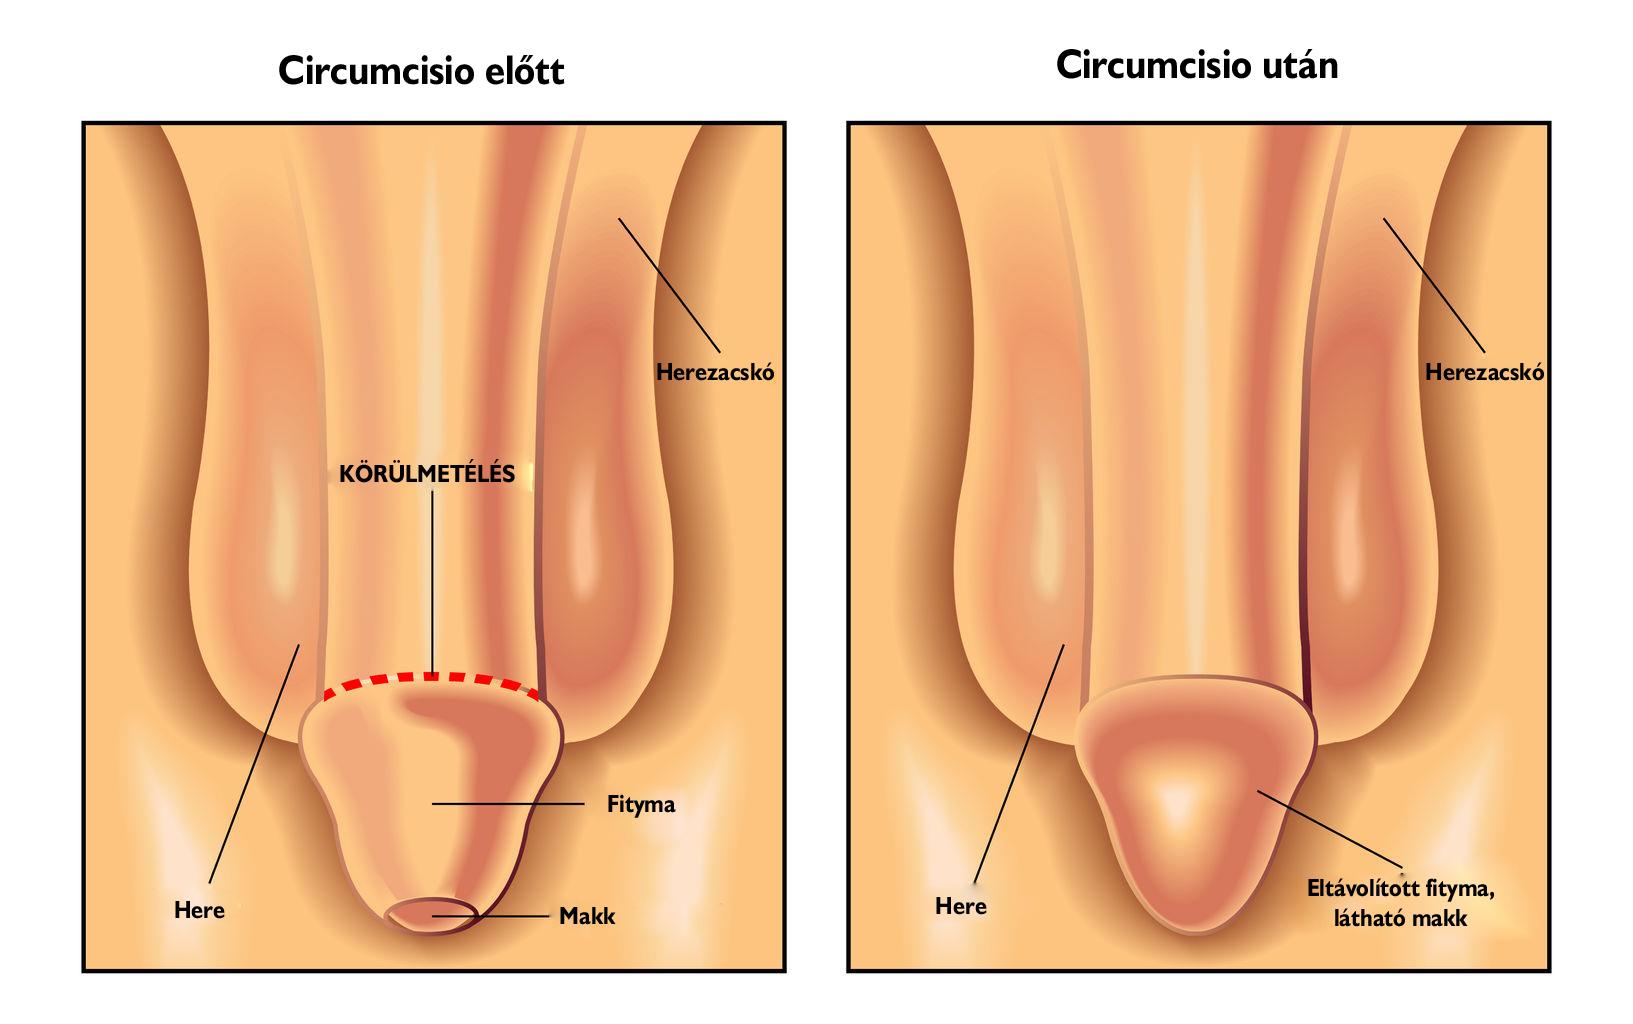 A pénisznek is lehet protézise! - Egészségtükösananna.hu